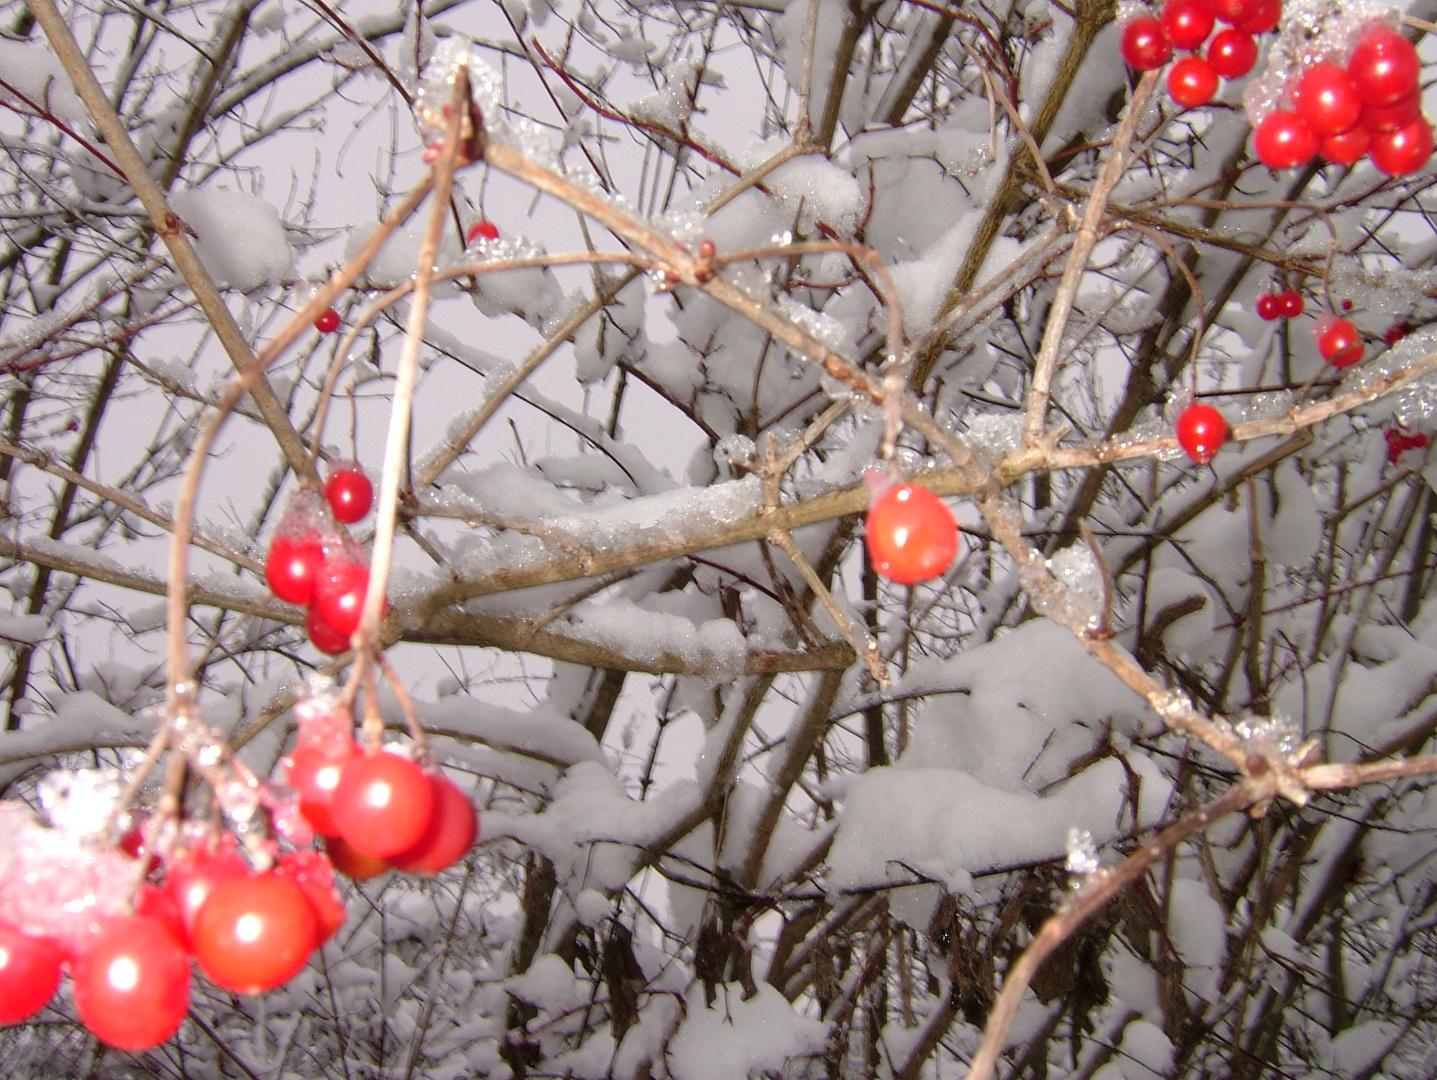 Geschmückter Natur-Weihnachtsbaum